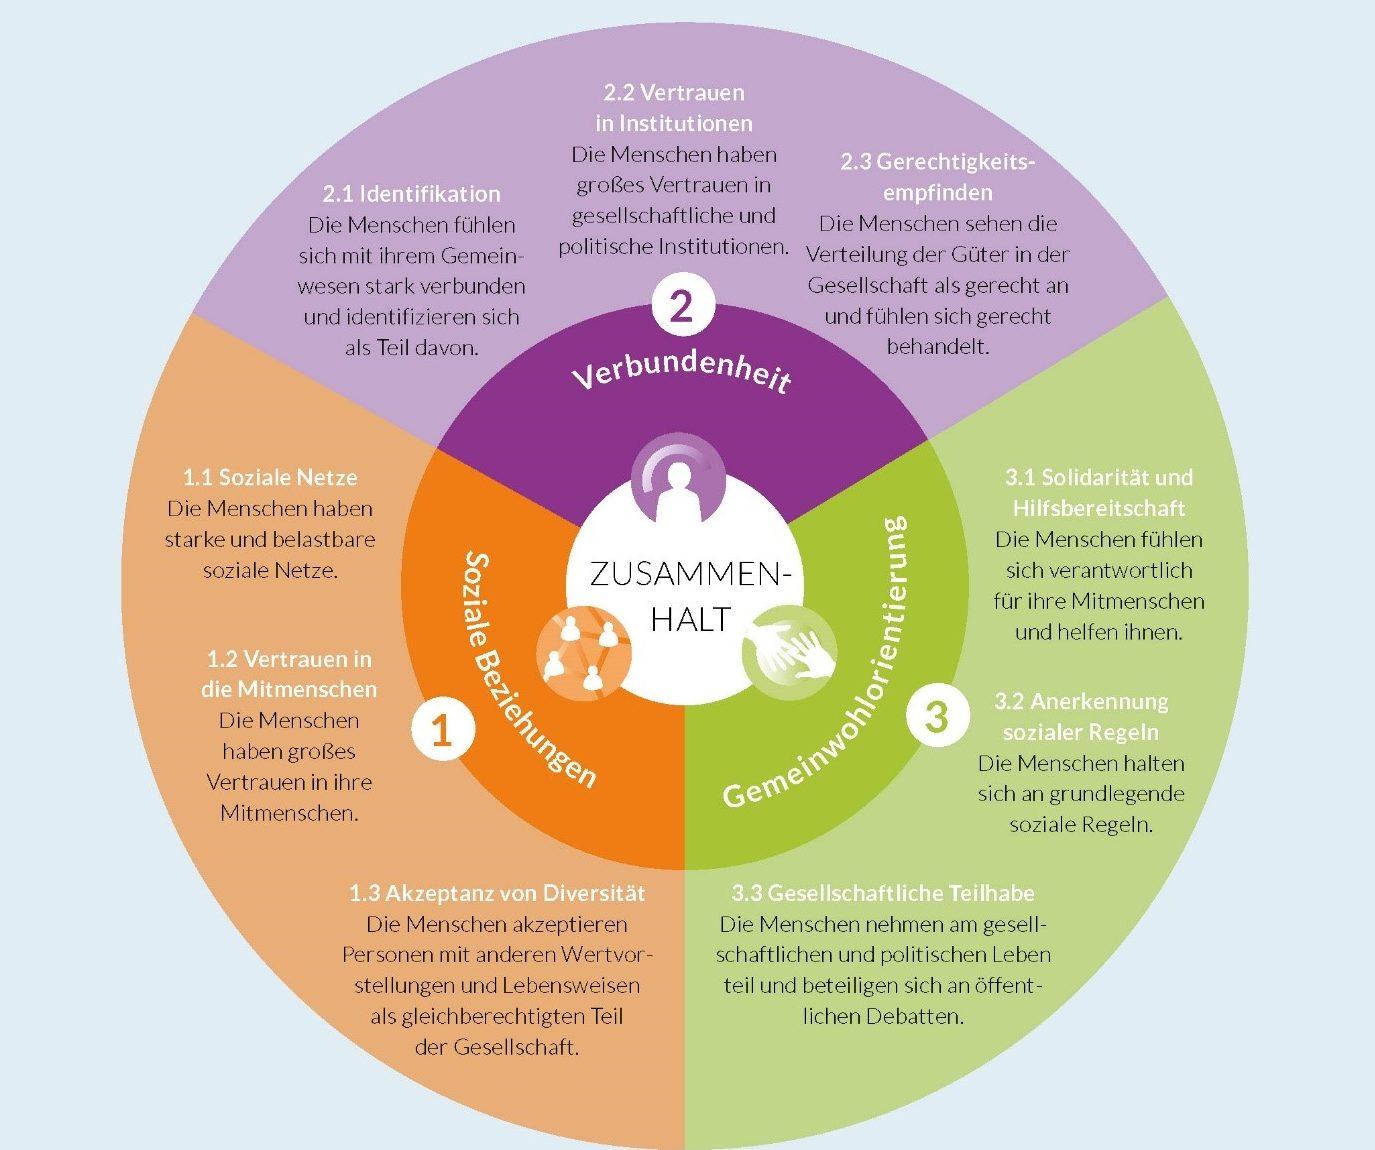 Die Graphik zeigt die neun Dimensionen von gesellschaftlichen Zusammenhalt: Soziale Netze, Vertrauen in Mitmenschen, Akzeptanz von Diversität, Identifikation, Institutionenvertrauen, Gerechtigkeitsempfinden, Solidarität und Hilfsbereitschaft, Anerkennung sozialer Regeln, gesellschaftliche Teilhabe